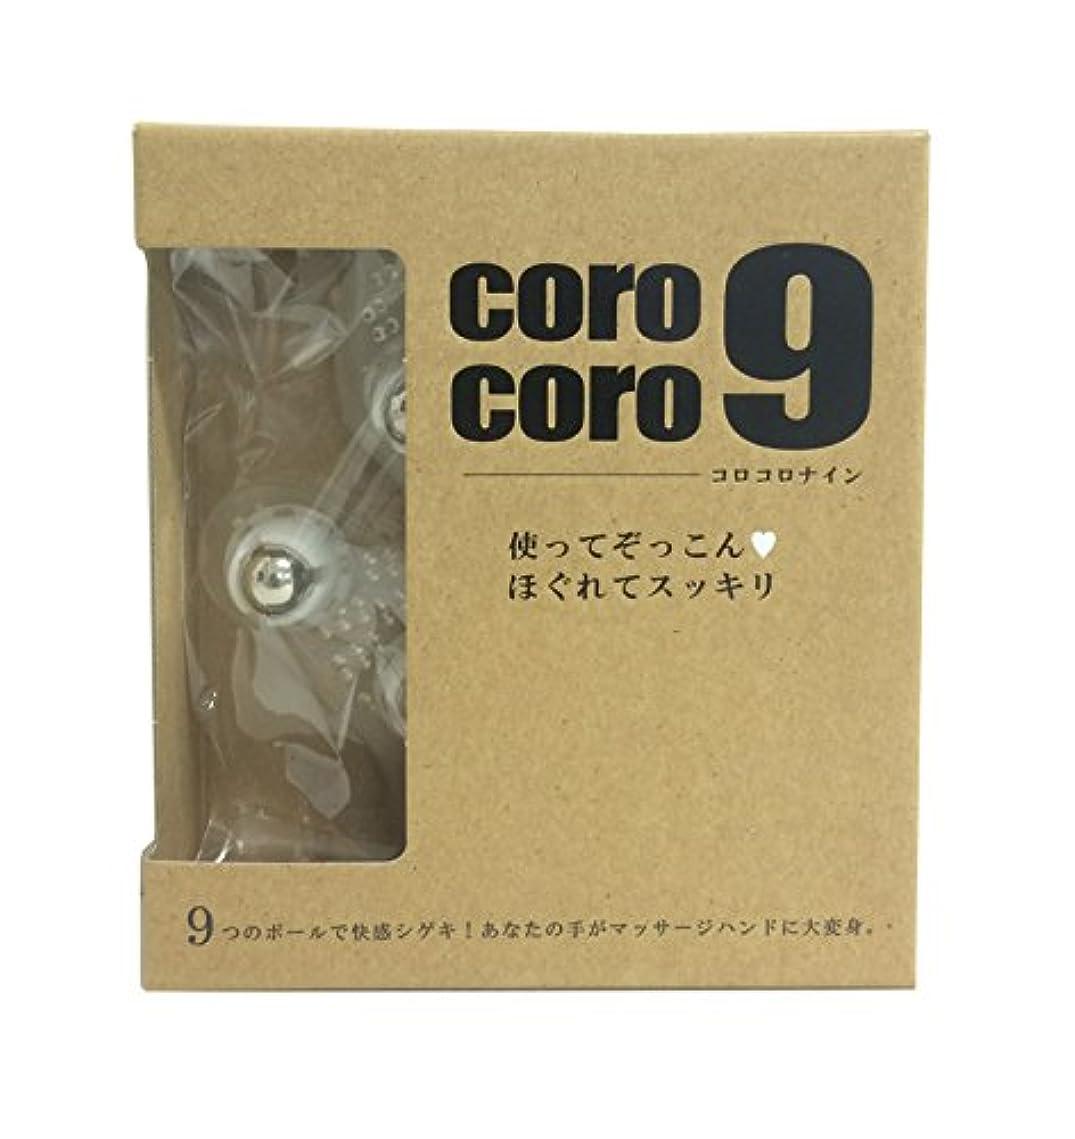 真夜中きらめき破壊するReシリーズ CoroCoro9 クリア